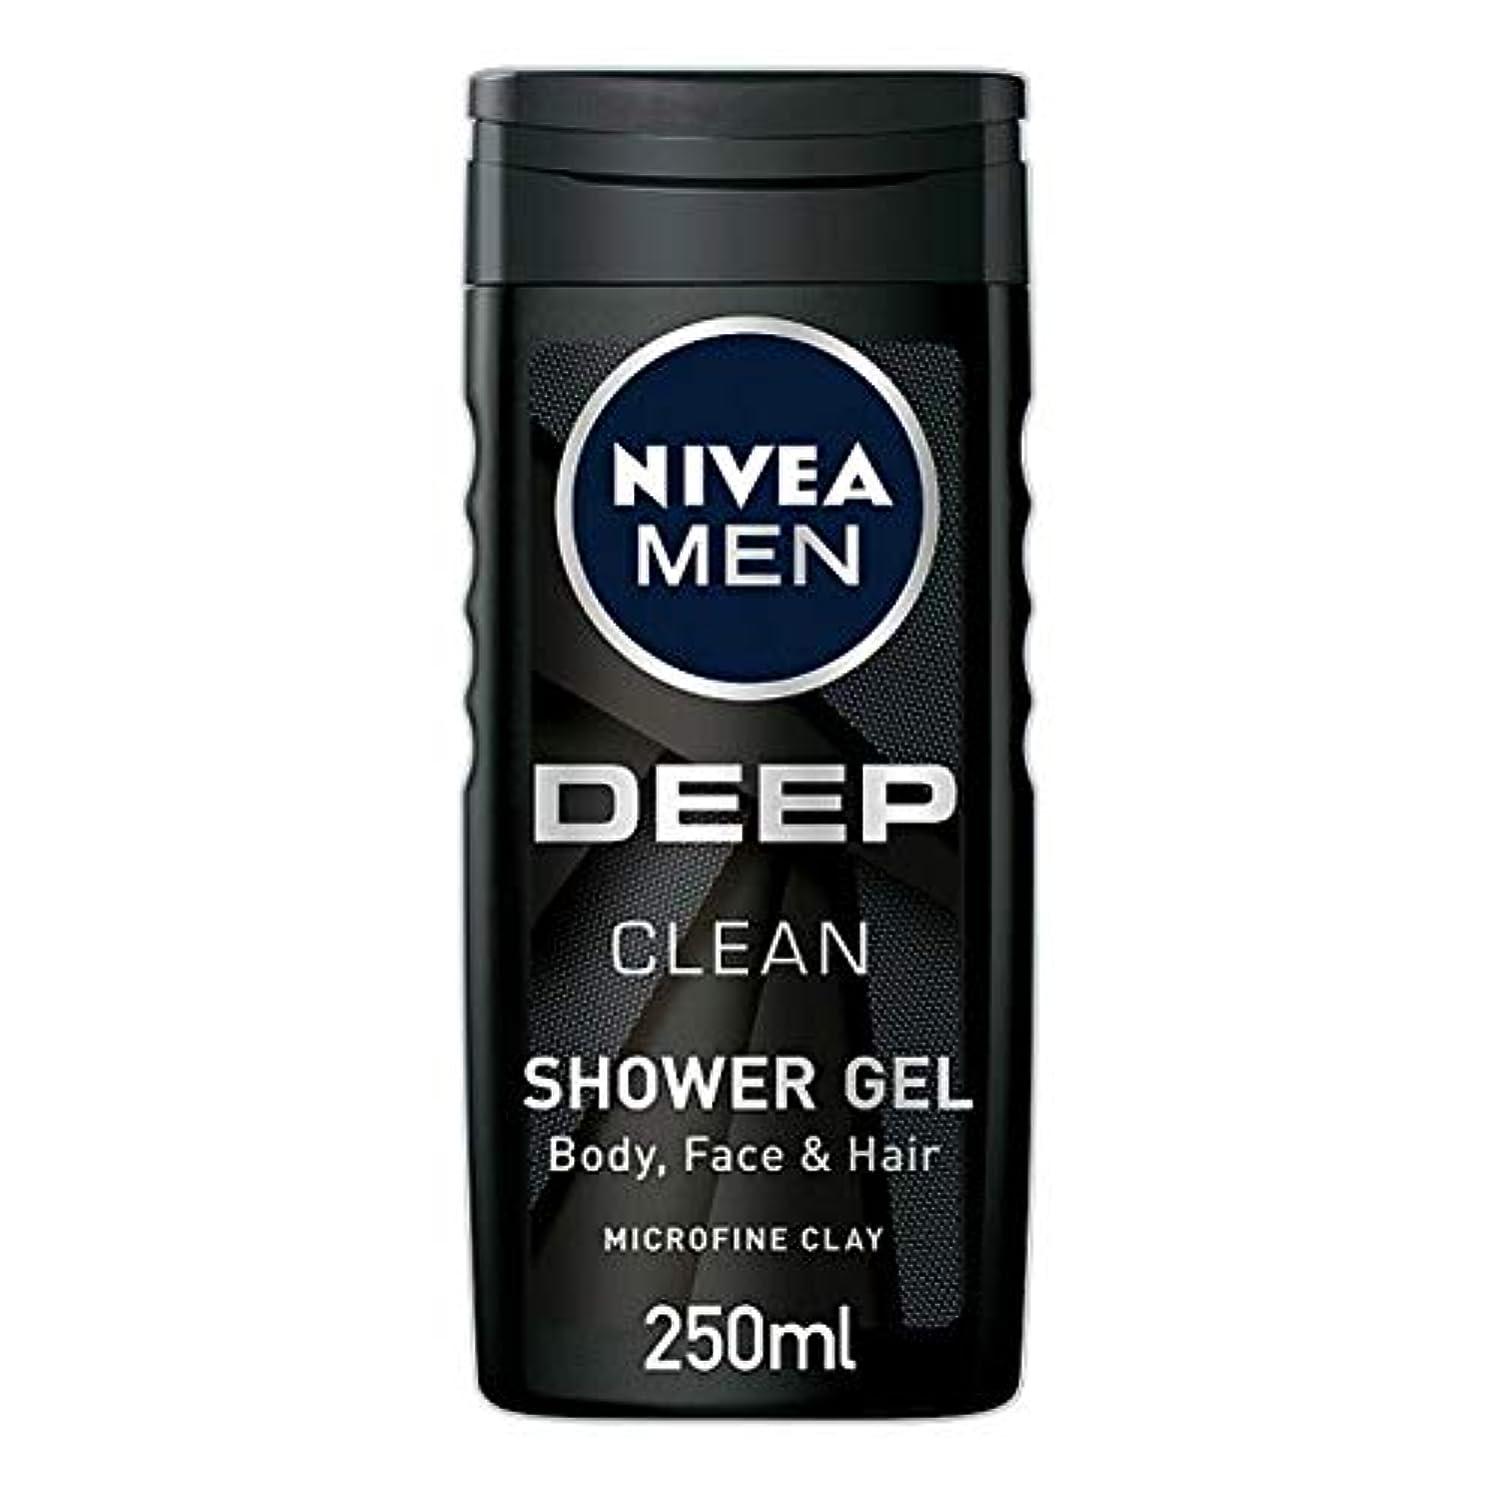 ダメージ非常に怒っています芽[Nivea] ニベア男性用シャワージェル深いきれいな250ミリリットル - Nivea Men Shower Gel Deep Clean 250Ml [並行輸入品]